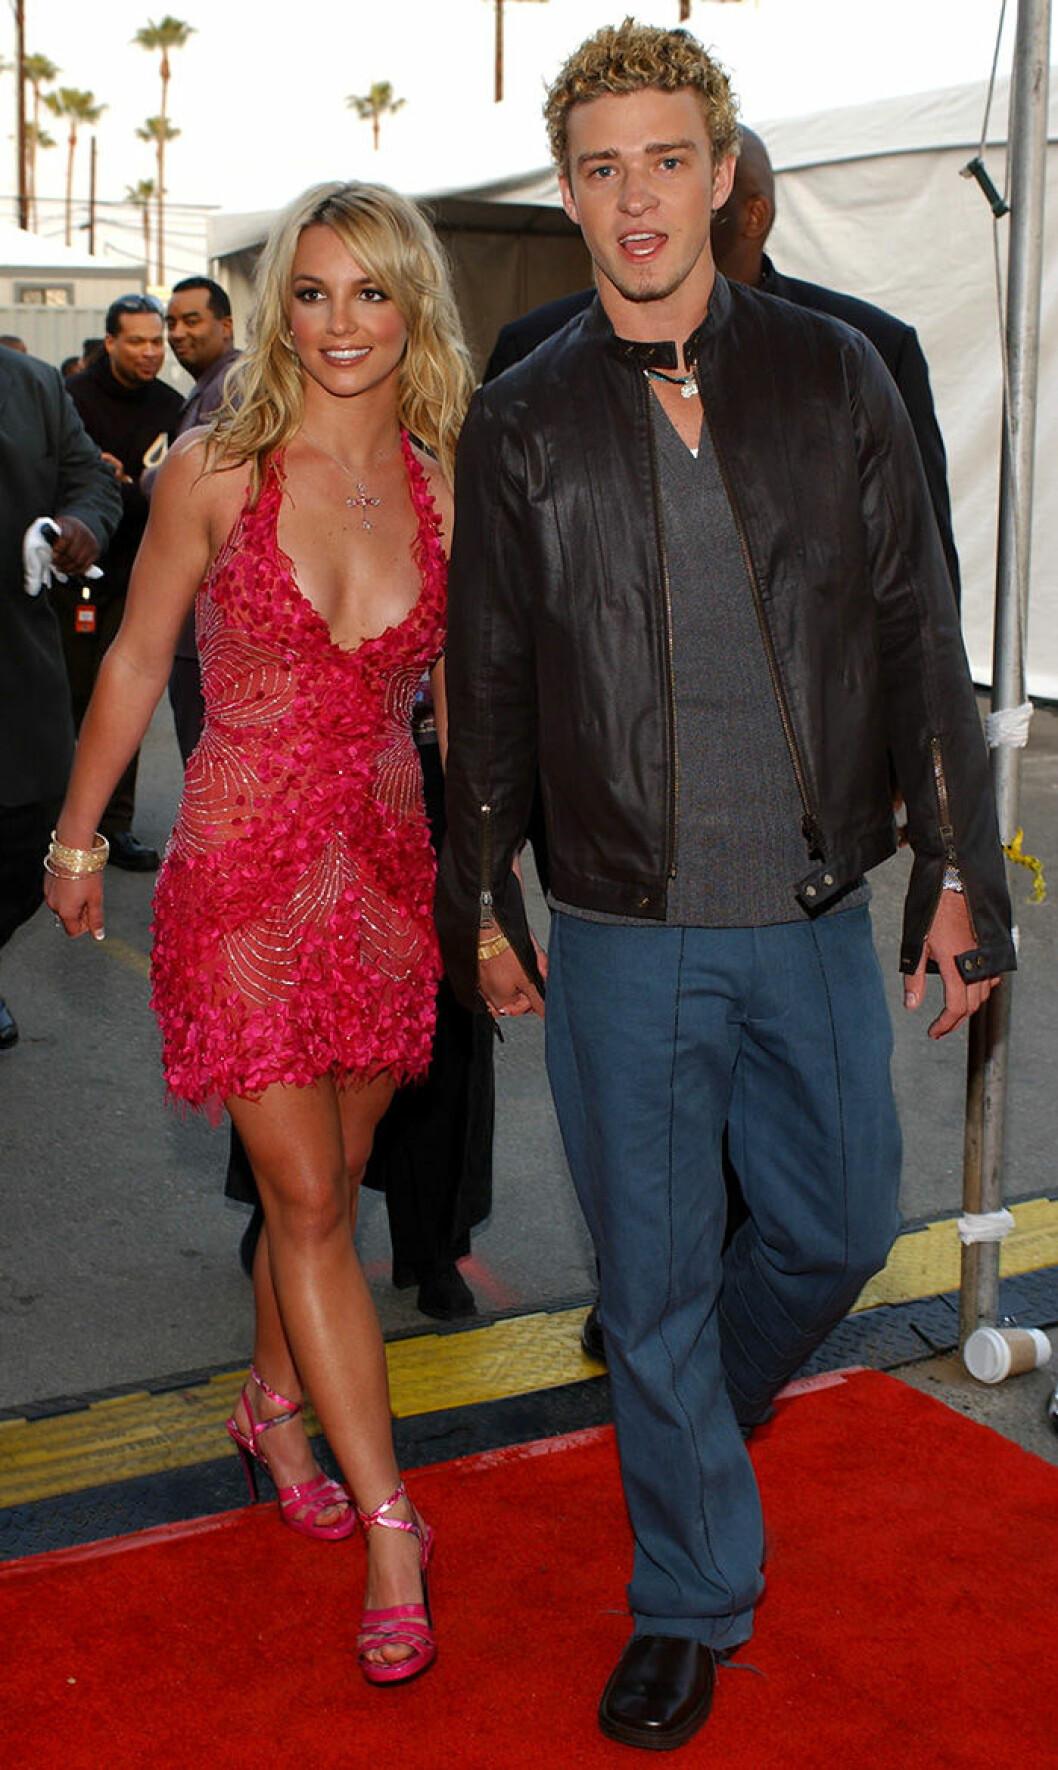 En bild på Britney Spears och Justin Timberlake under AMA-Awards 2002.